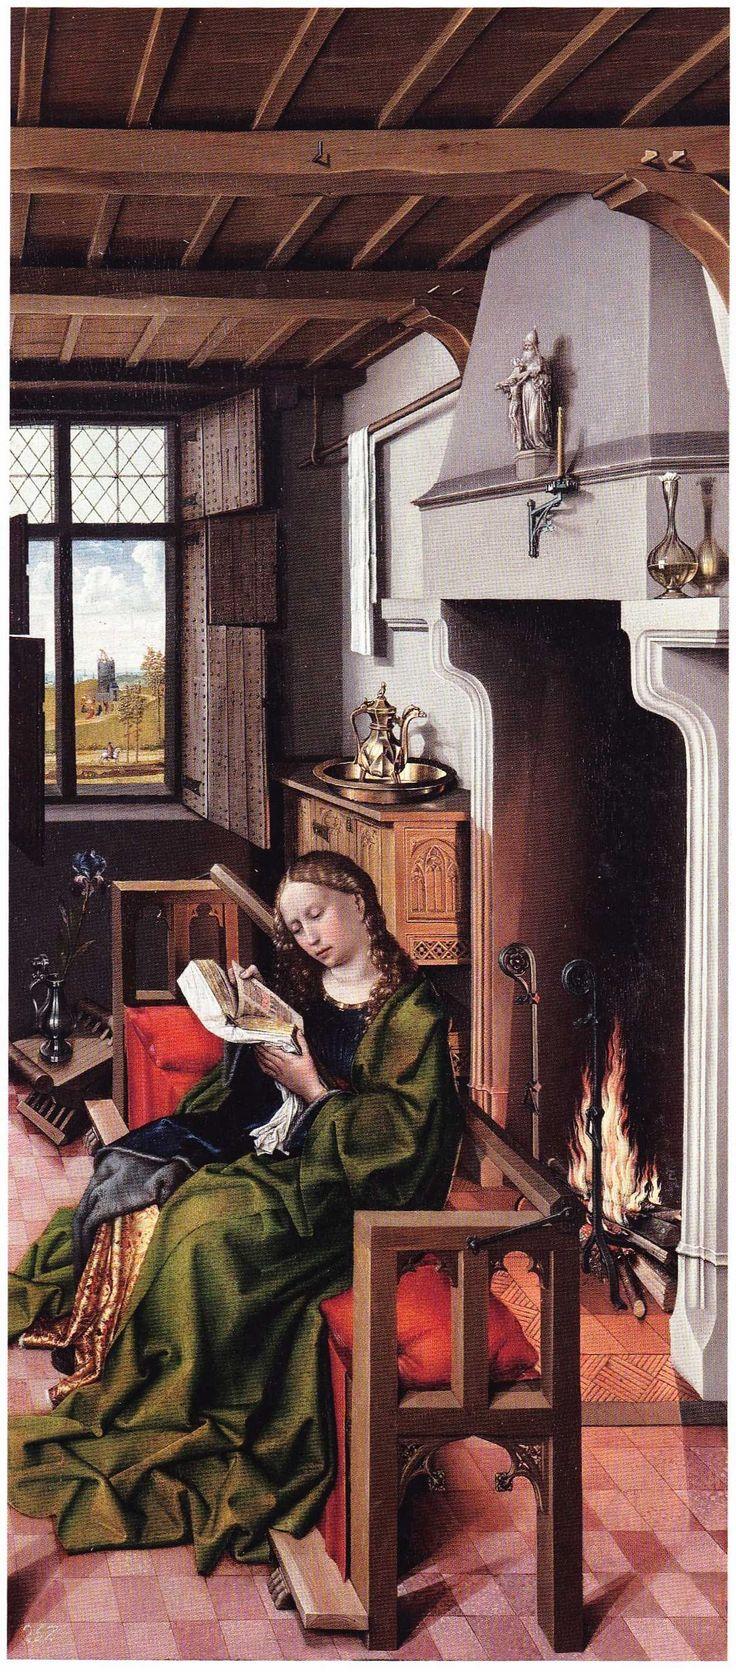 Meister von Flemalle, Hl. Barbara rechter Flügel des Triptychons des Heinrich von Werl, 1438